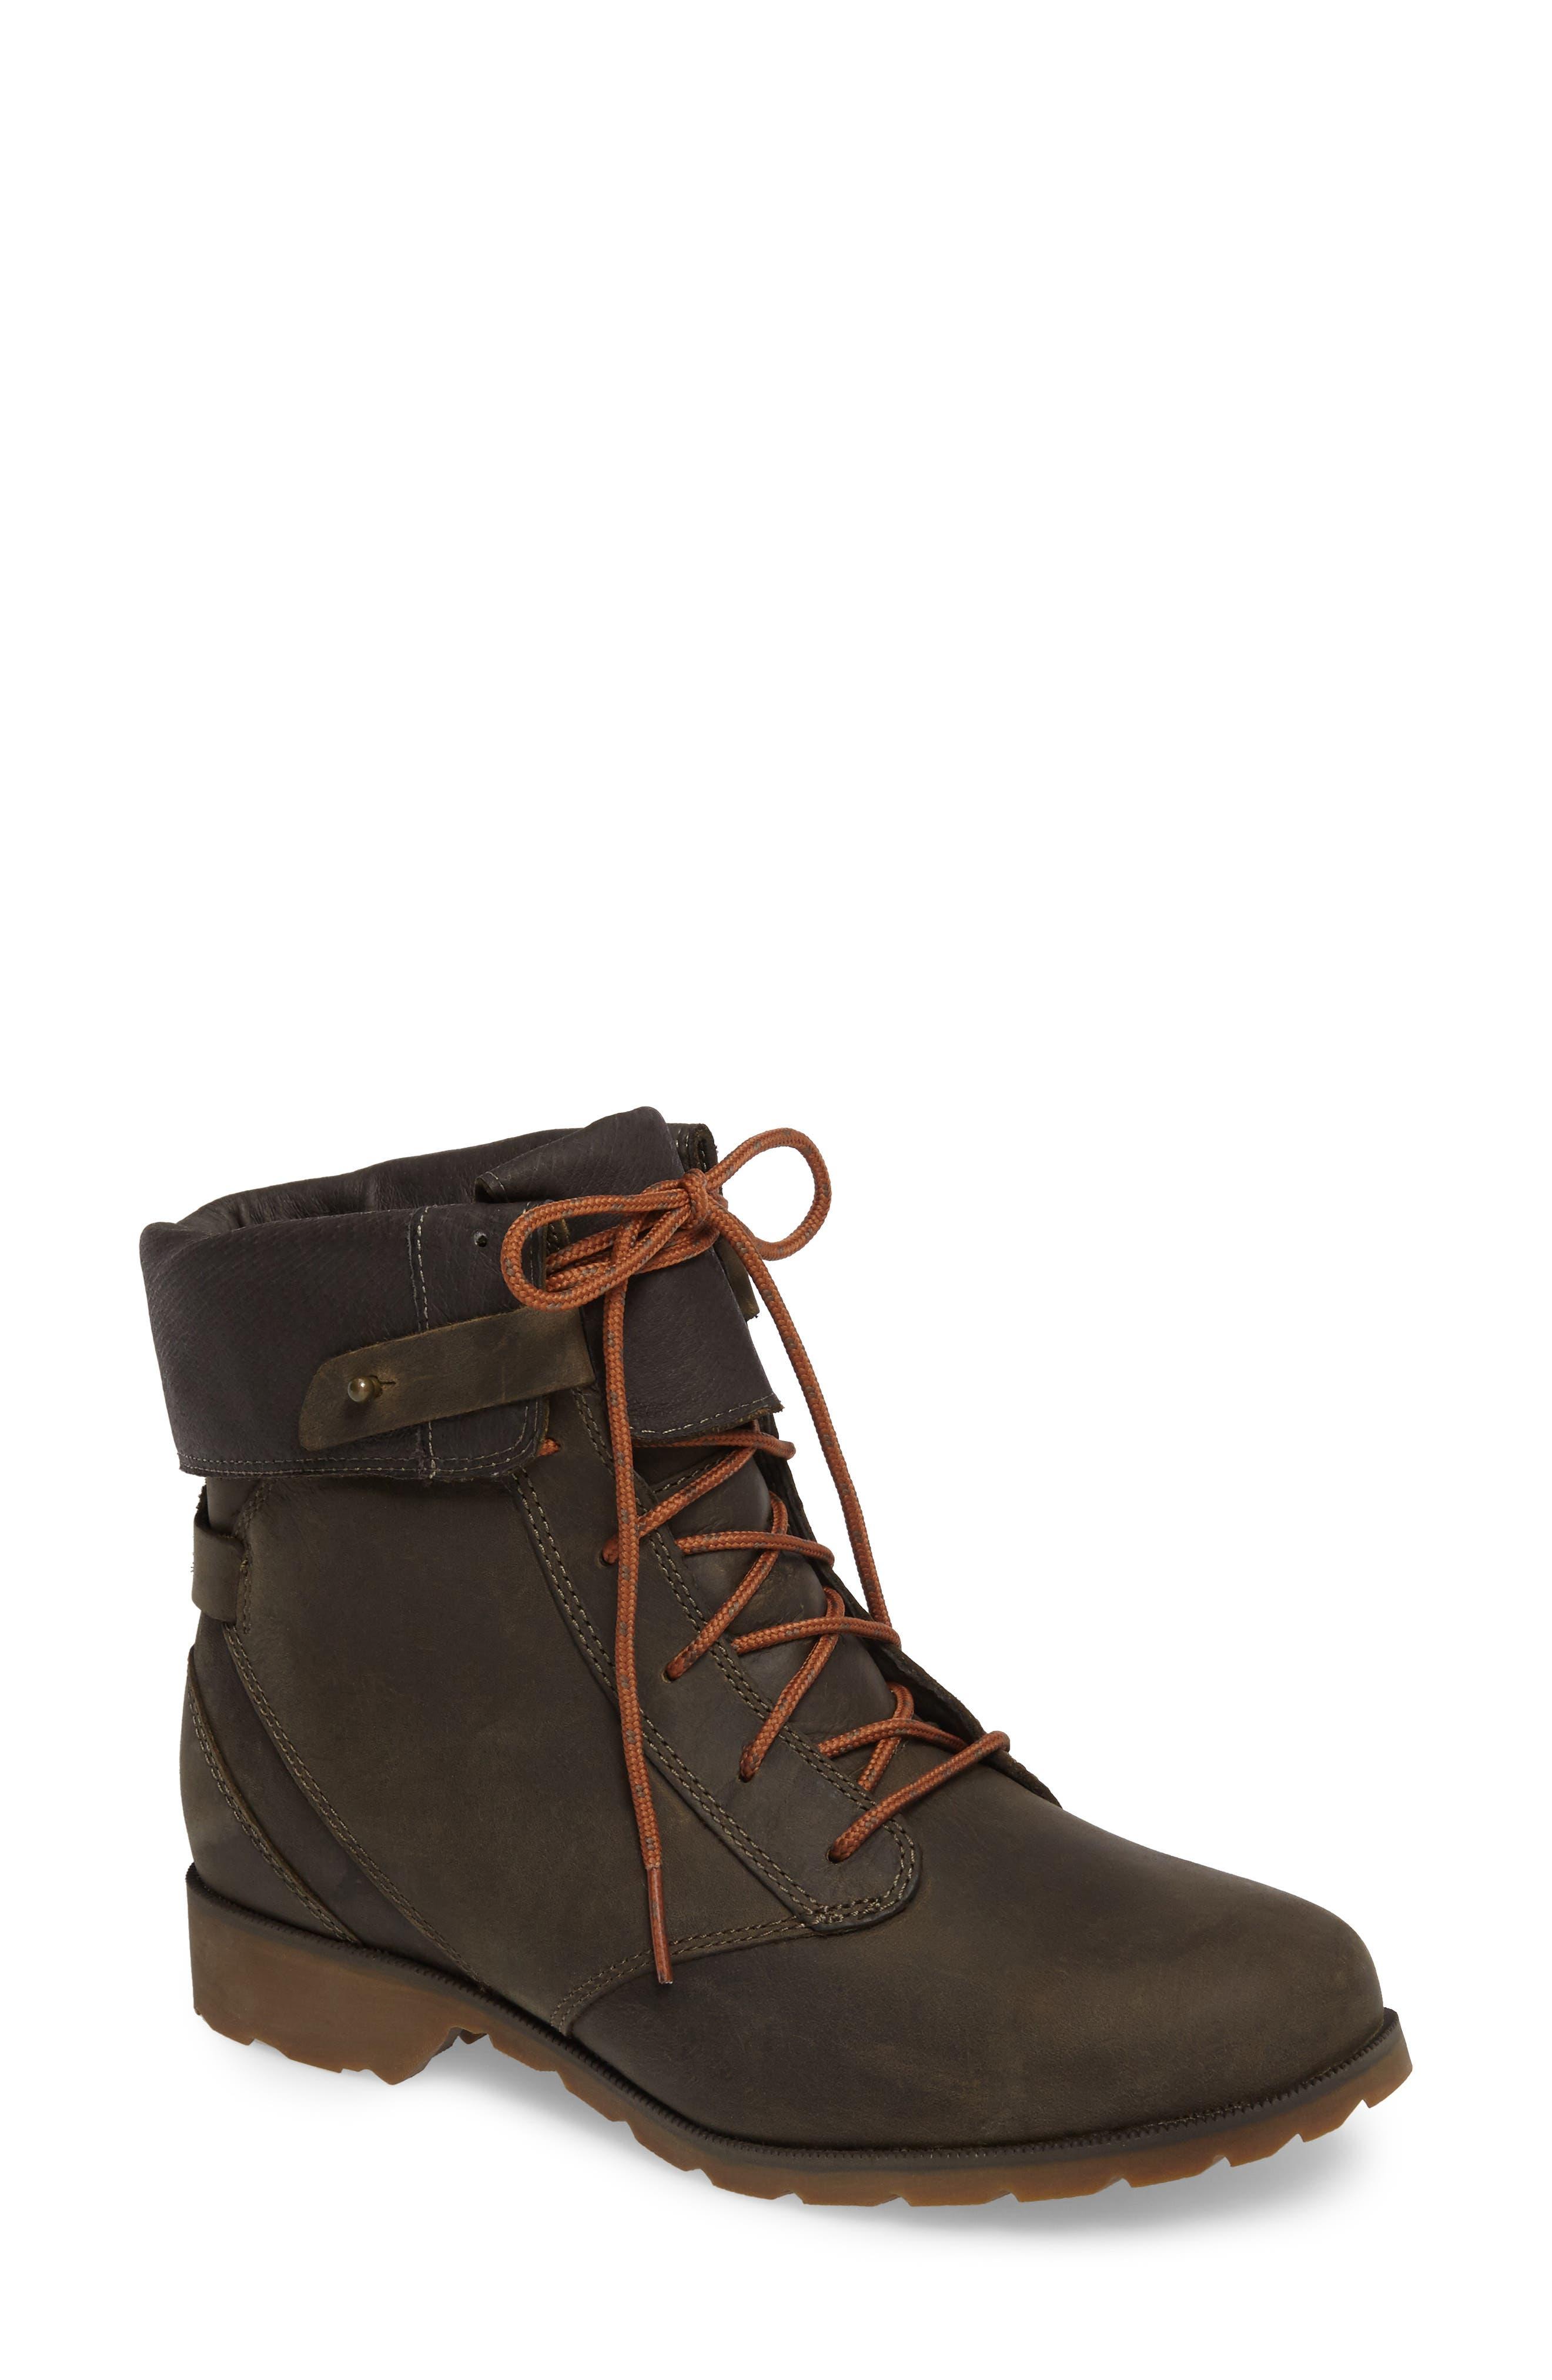 'De La Vina' Waterproof Lace-Up Boot,                         Main,                         color, 306